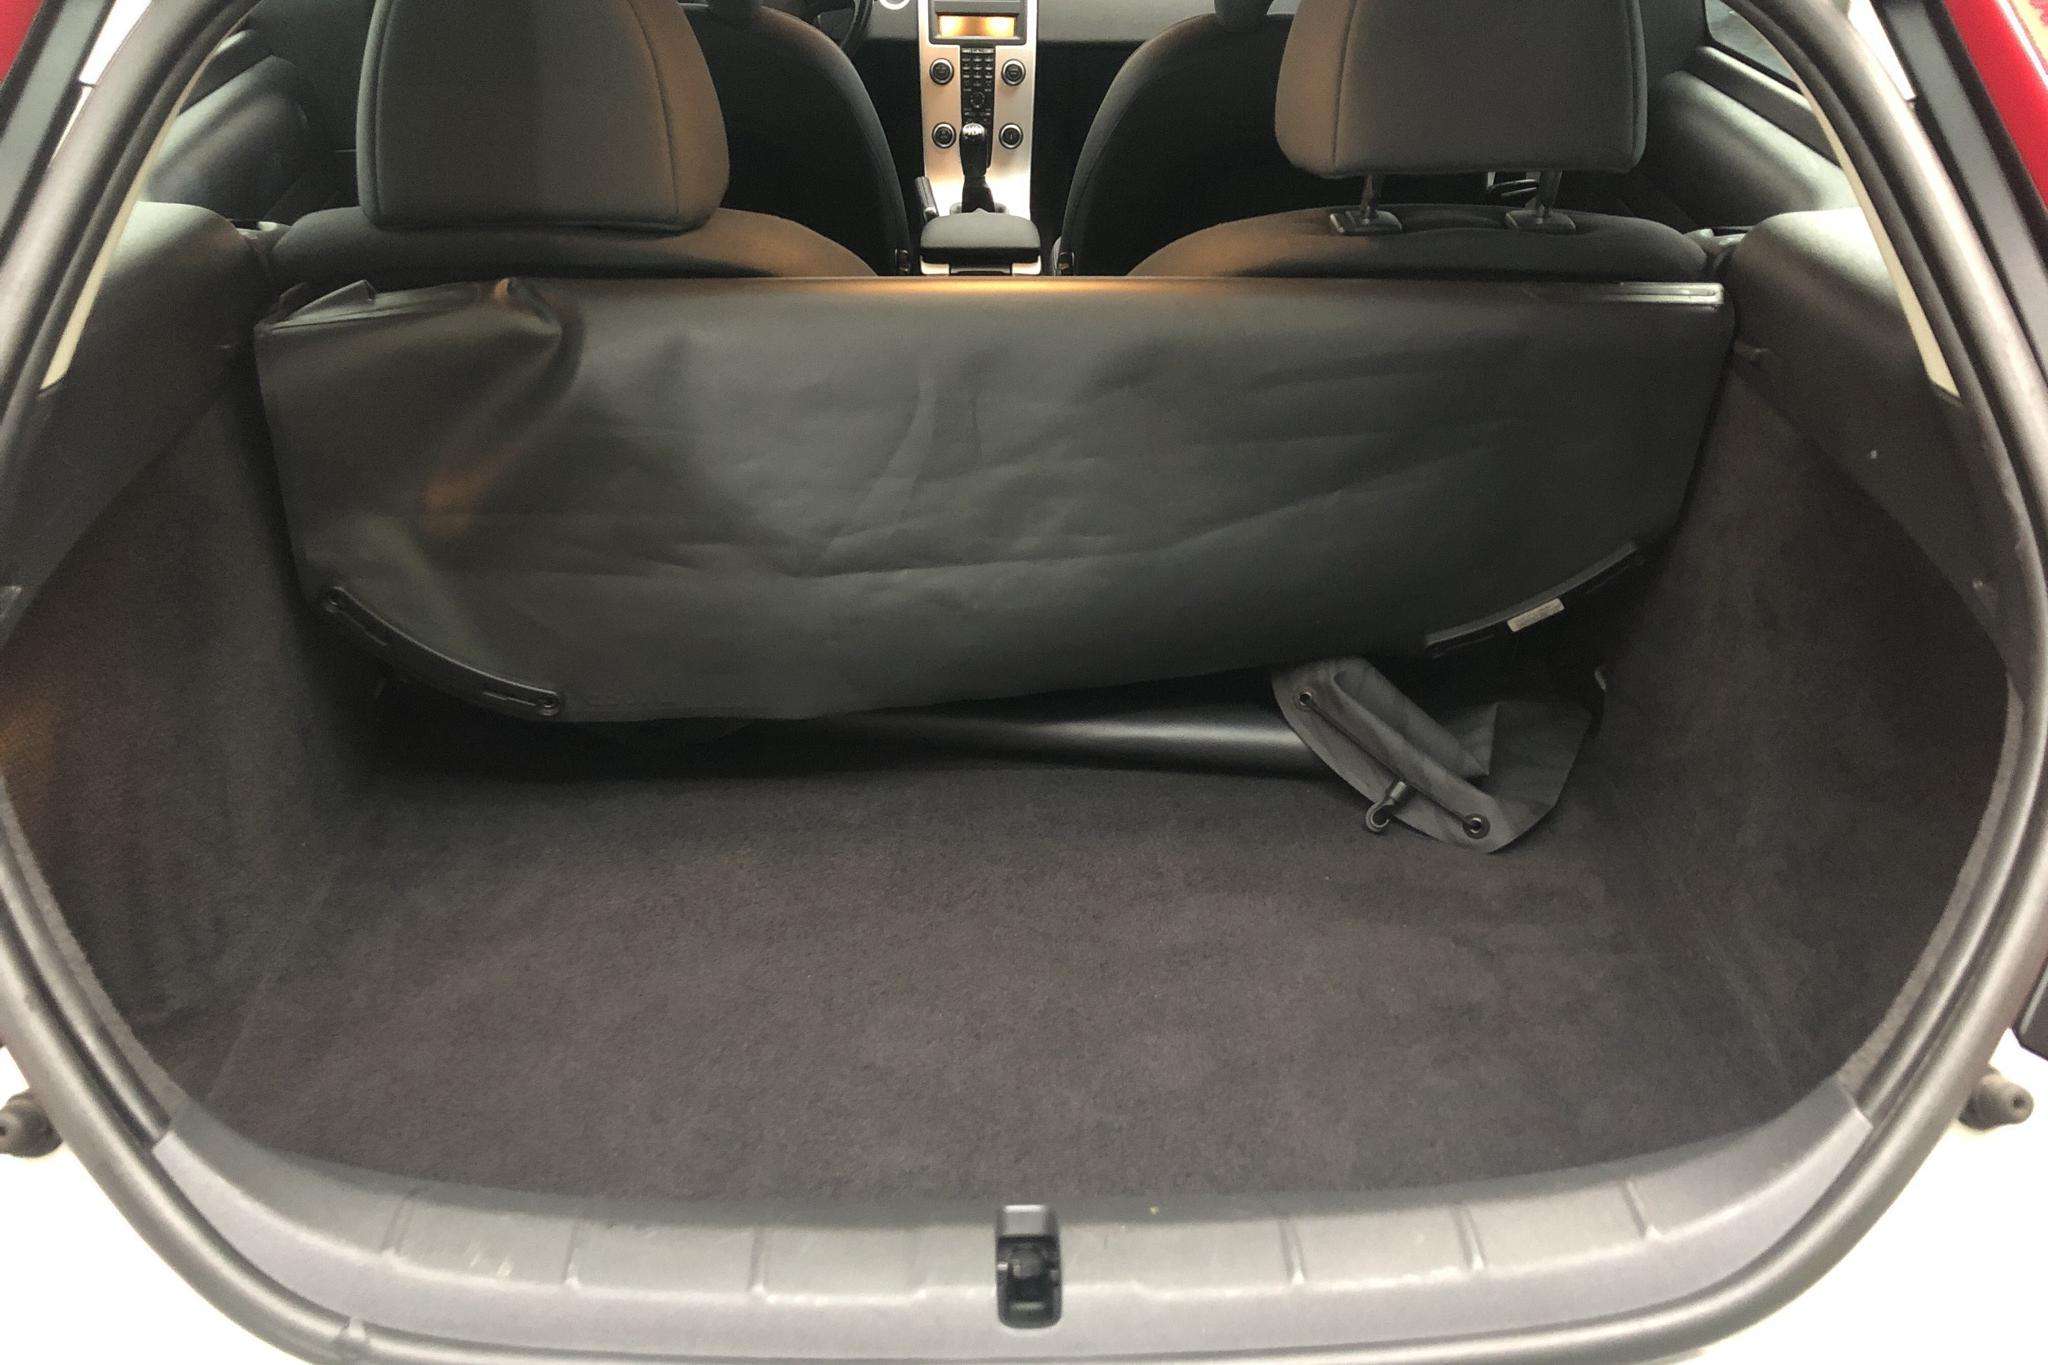 Volvo C30 2.0F (145hk) - 127 160 km - Manual - white - 2011